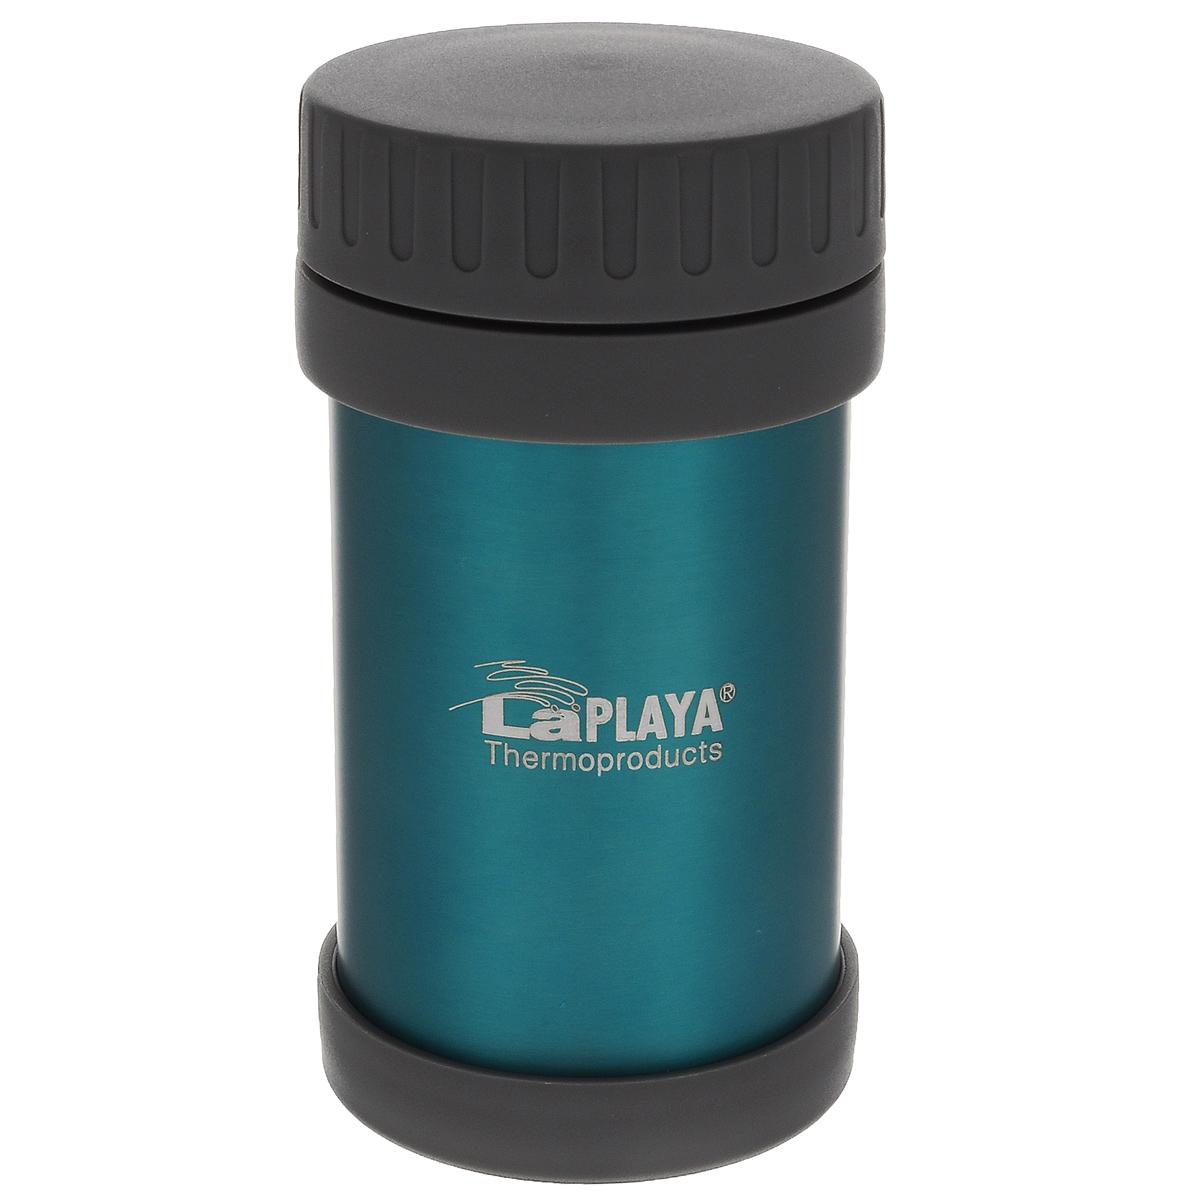 Термос LaPlaya JMG, цвет: бирюзовый, 500 мл560031Термос LaPlaya JMG изготовлен из высококачественной нержавеющей стали 18/8 и пластика. Термос с двухстеночной вакуумной изоляцией, предназначенный для хранения горячих и холодных продуктов, сохраняет их до 6 часов горячими и холодными в течении 8 часов. Термос очень легкий, имеет широкое горло и закрывается герметичной крышкой.Идеально подходит для напитков, а также первых и вторых блюд.Высота: 16,5 см.Диаметр горлышка: 7 см.